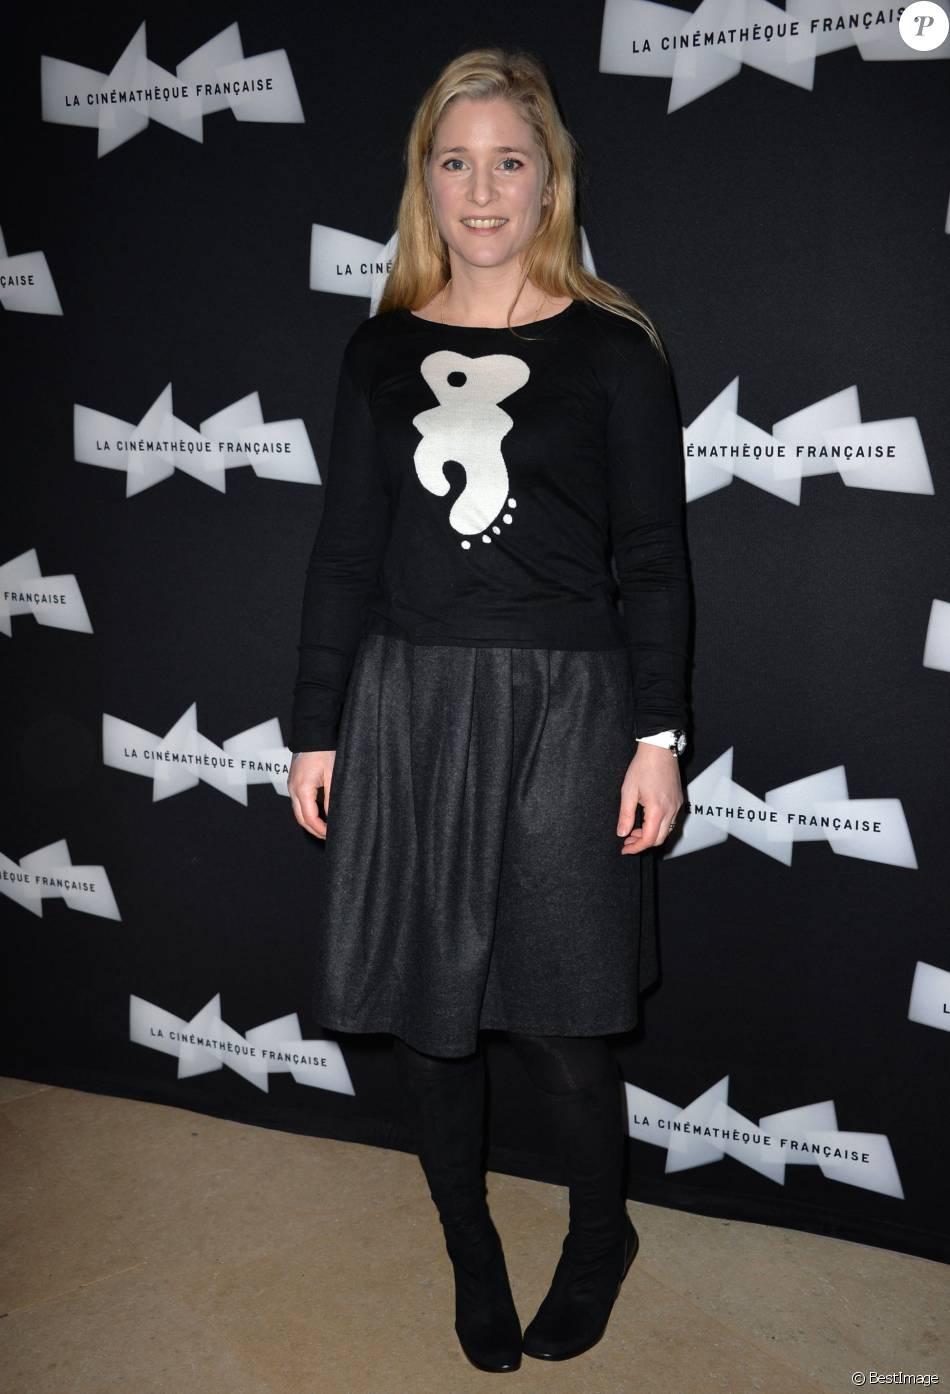 """Natacha Régnier - Projection du film """"The Assassin"""" de Hou Hsiao-hsien (prix de la mise en scène de Cannes 2015) à la cinémathèque de Paris, le 17 février 2016. © Veeren/Bestimage  Hou Hsiao-hsien's The Assassin screening held at the """"Cinematheque Francaise"""" in Paris, France, on February 17th, 2016. Hou Hsiao-hsien won the best director award at the 2015 Cannes International Film Festival.17/02/2016 - Paris"""